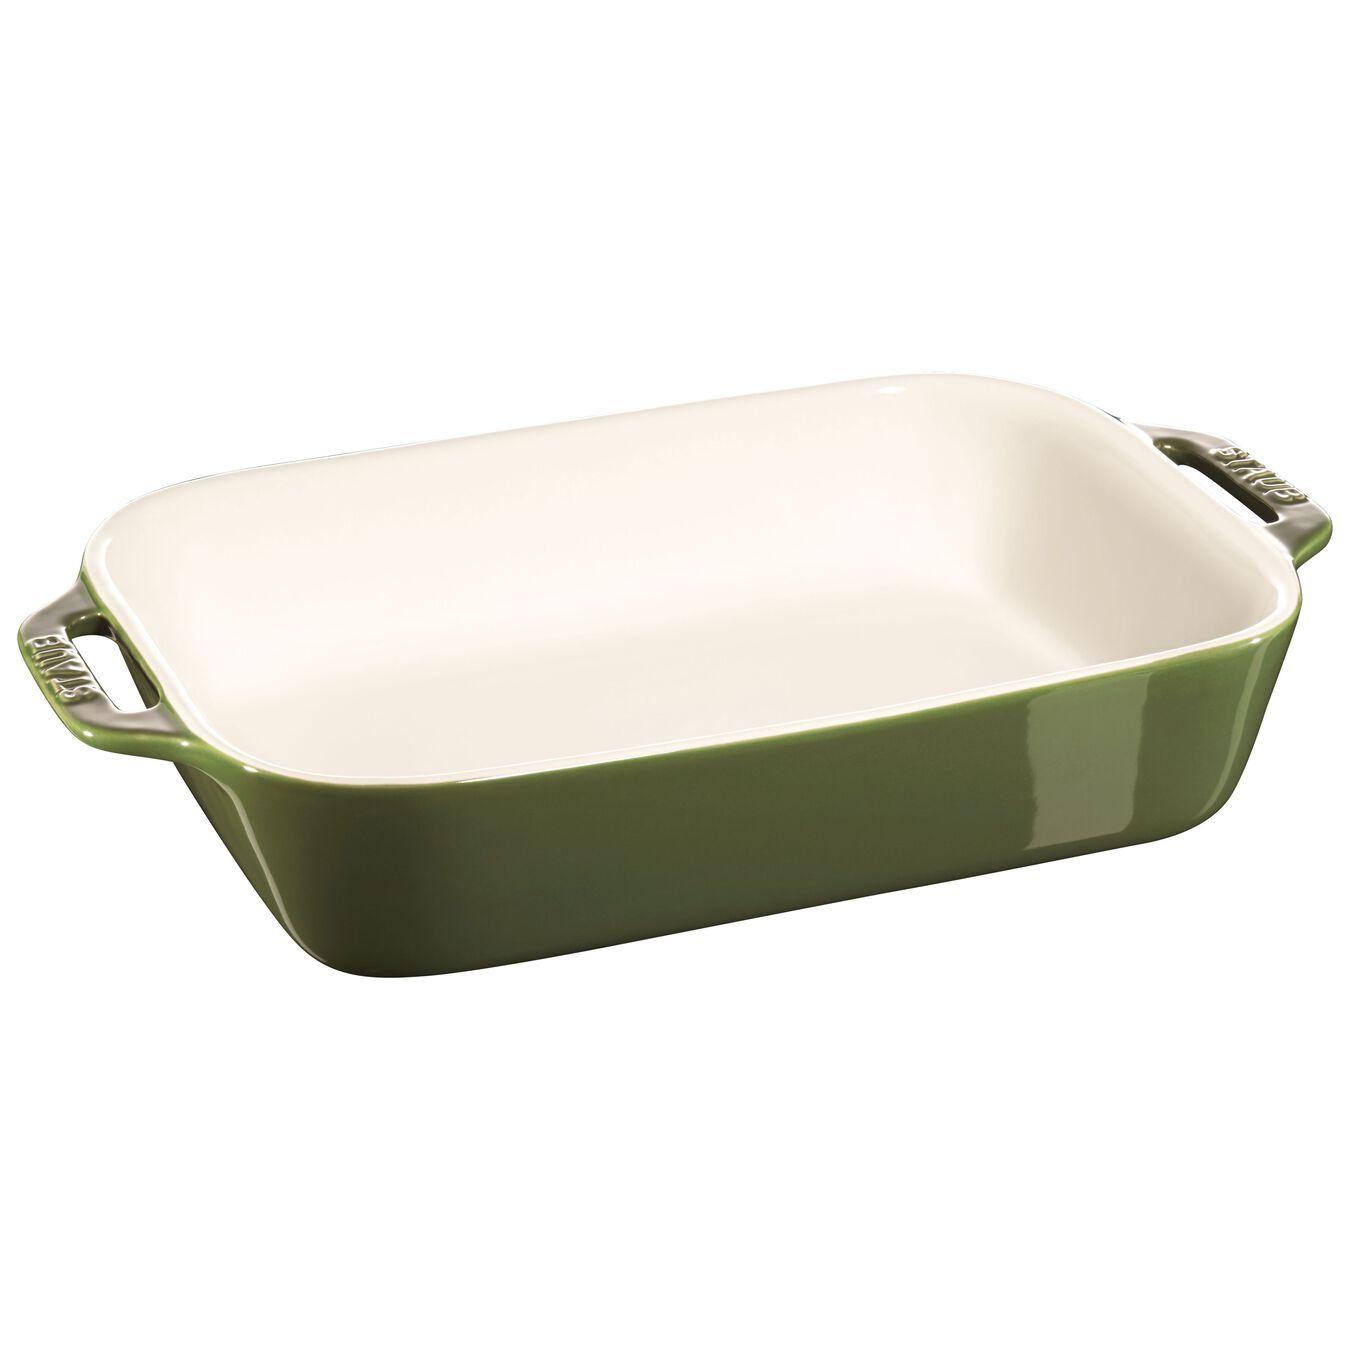 2-pcs rectangular Ensemble plats de cuisson pour le four, Basil-Green,,large 2